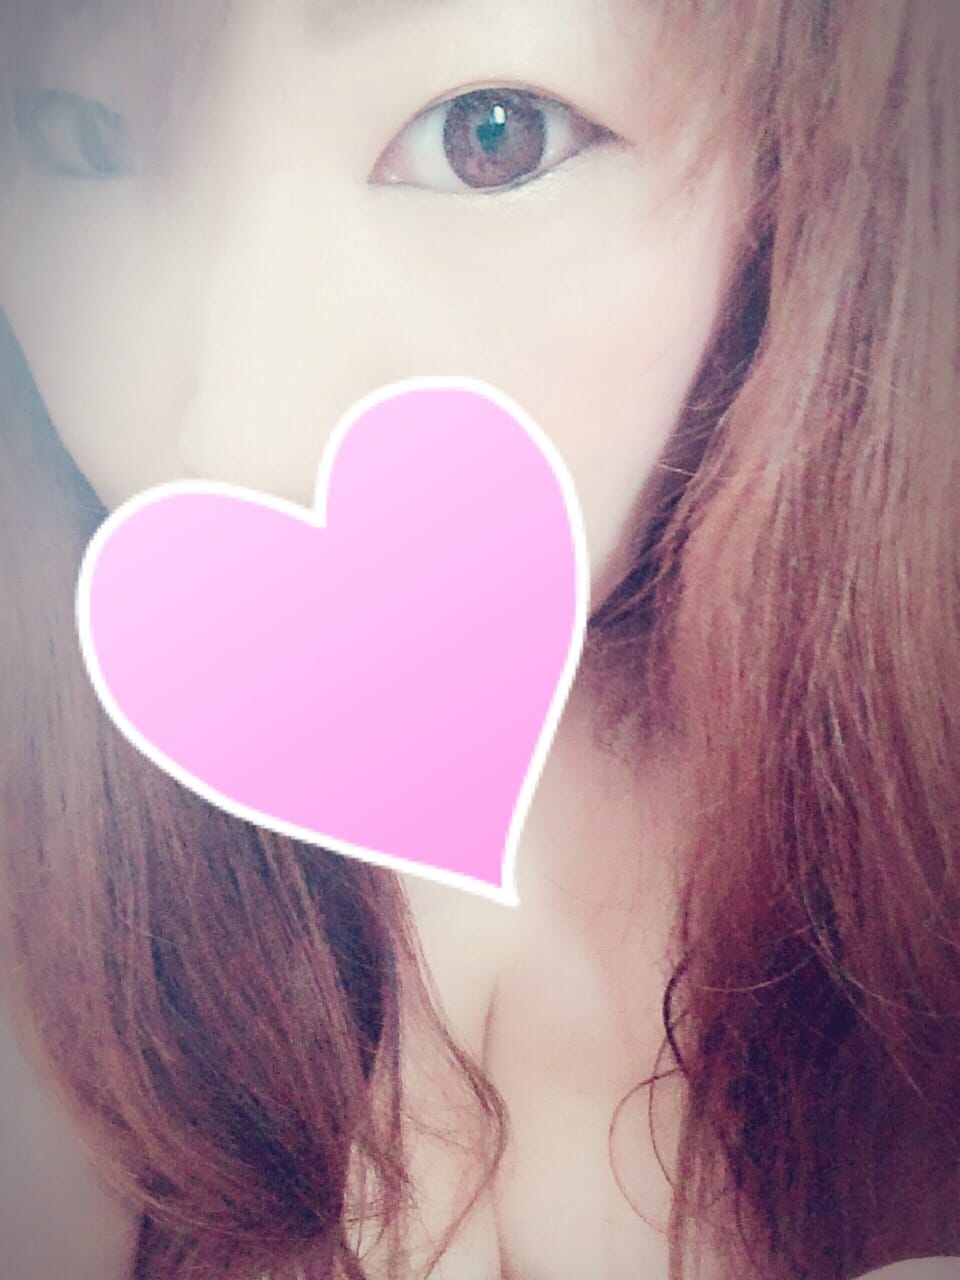 「出勤しました☆」03/18(03/18) 10:24 | 池田まいの写メ・風俗動画